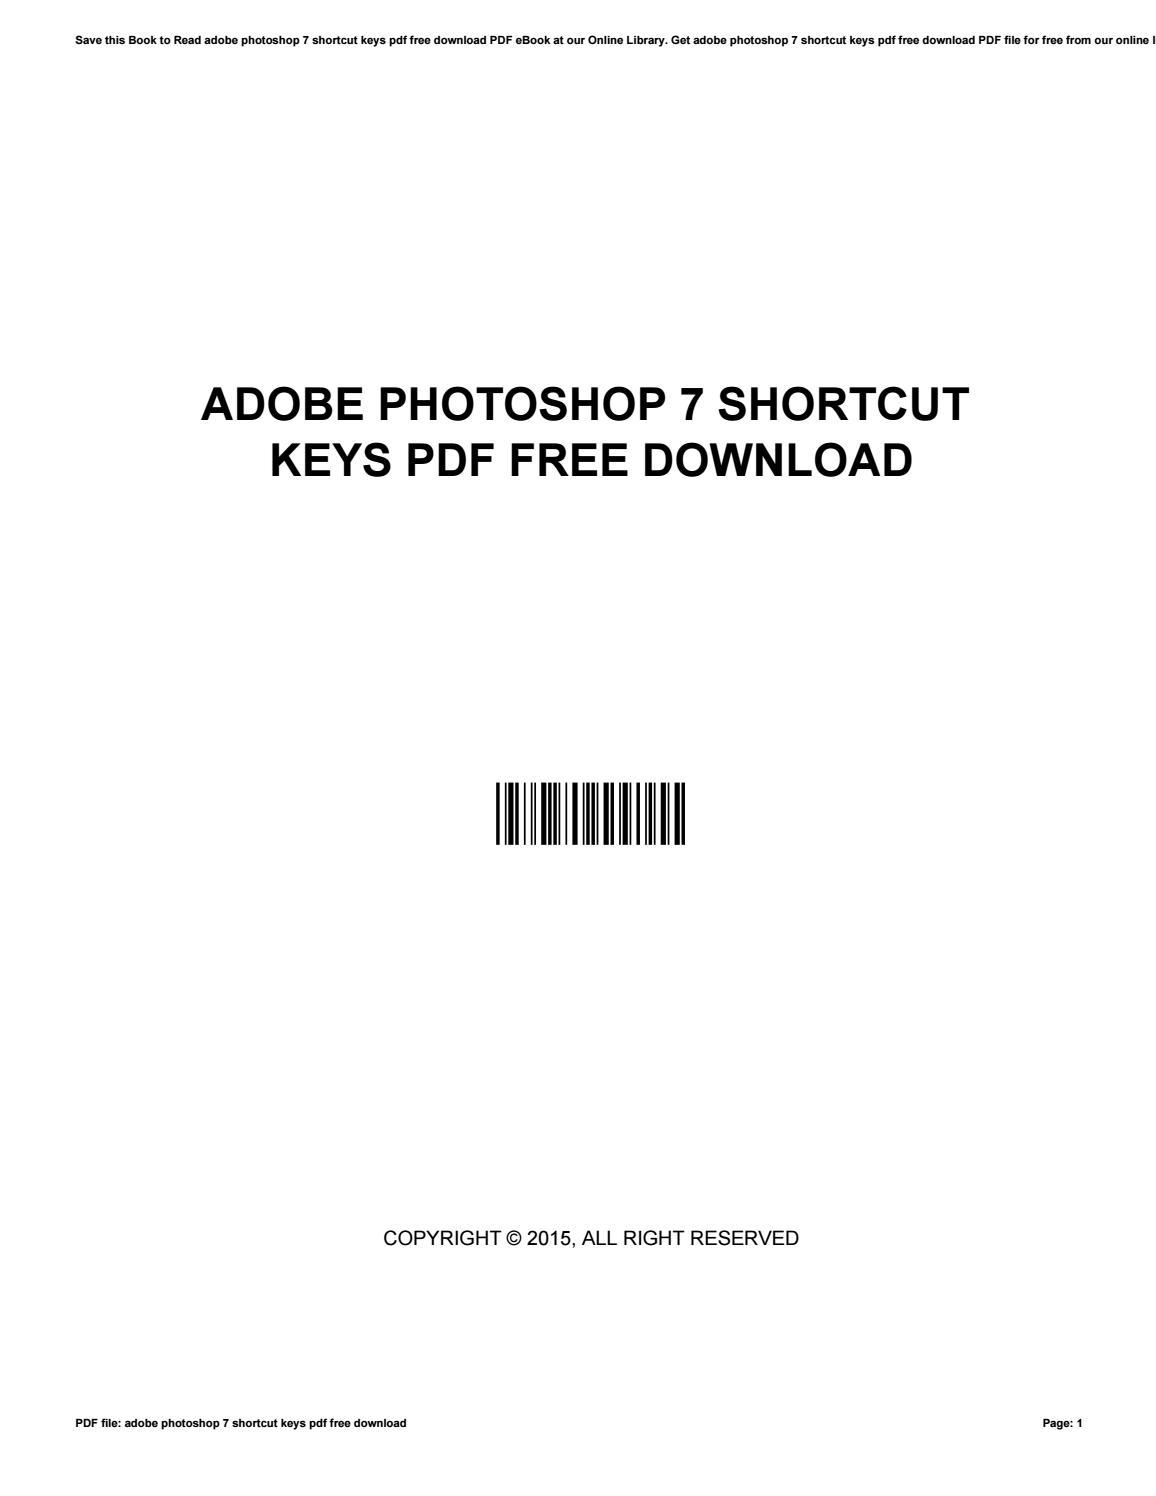 The Keys PDF Free Download